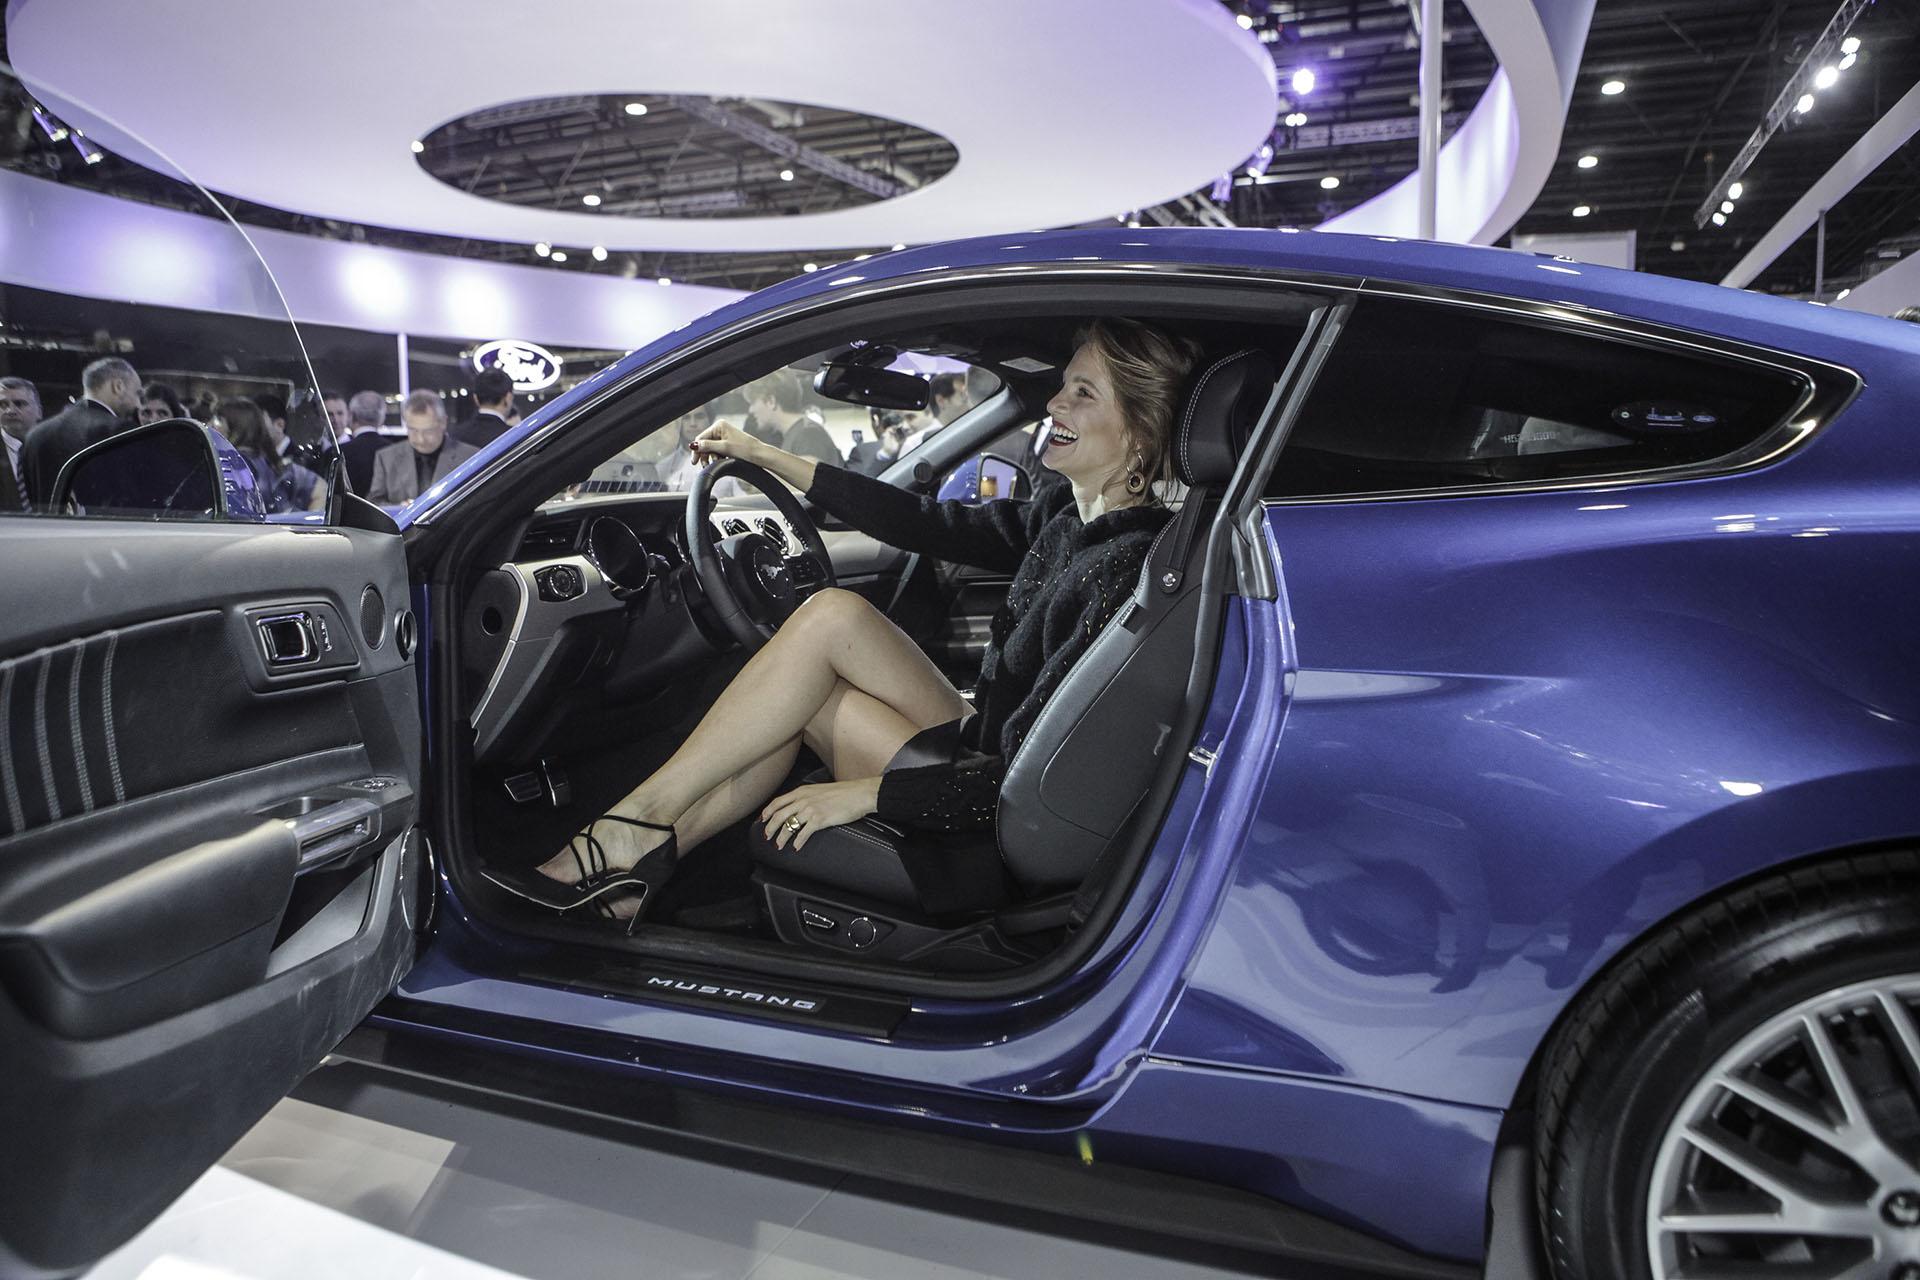 La modelo Liz Solari conoció el Mustang por dentro en el Design Hall de Ford en el Salón del Automóvil